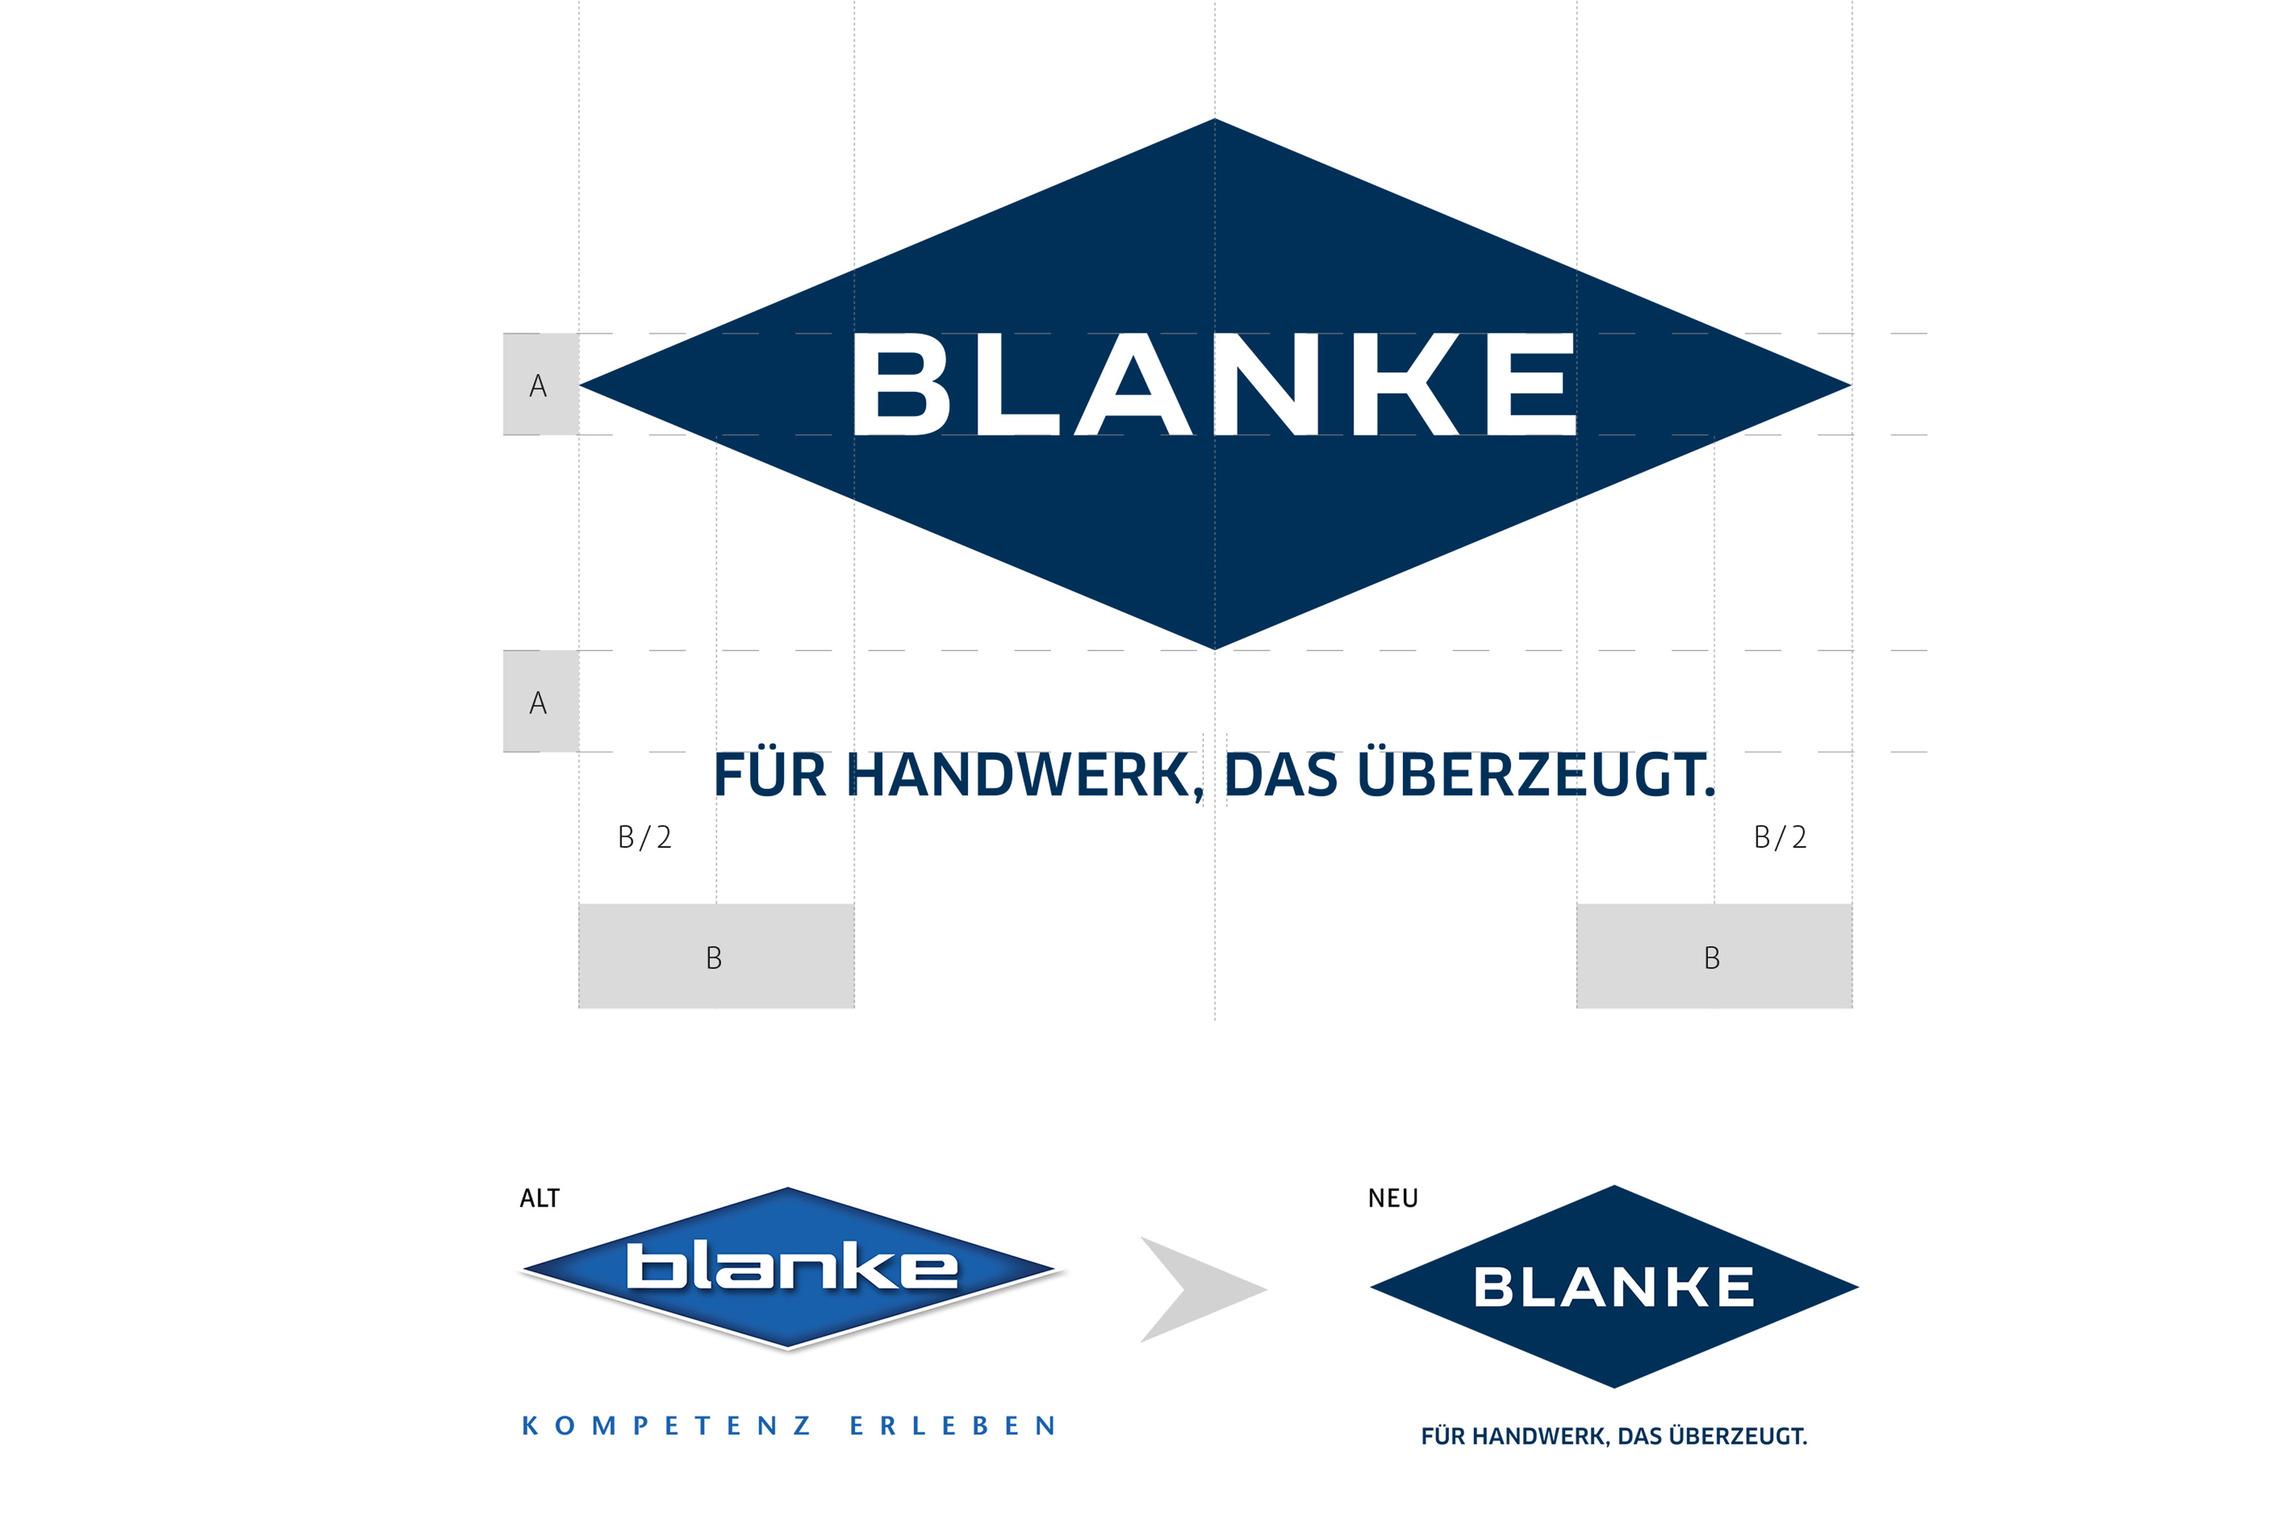 MONOKI begleitete den kompletten Relaunch der Marke Blanke und verlieh Logo und Claim einen modernen Anstrich.